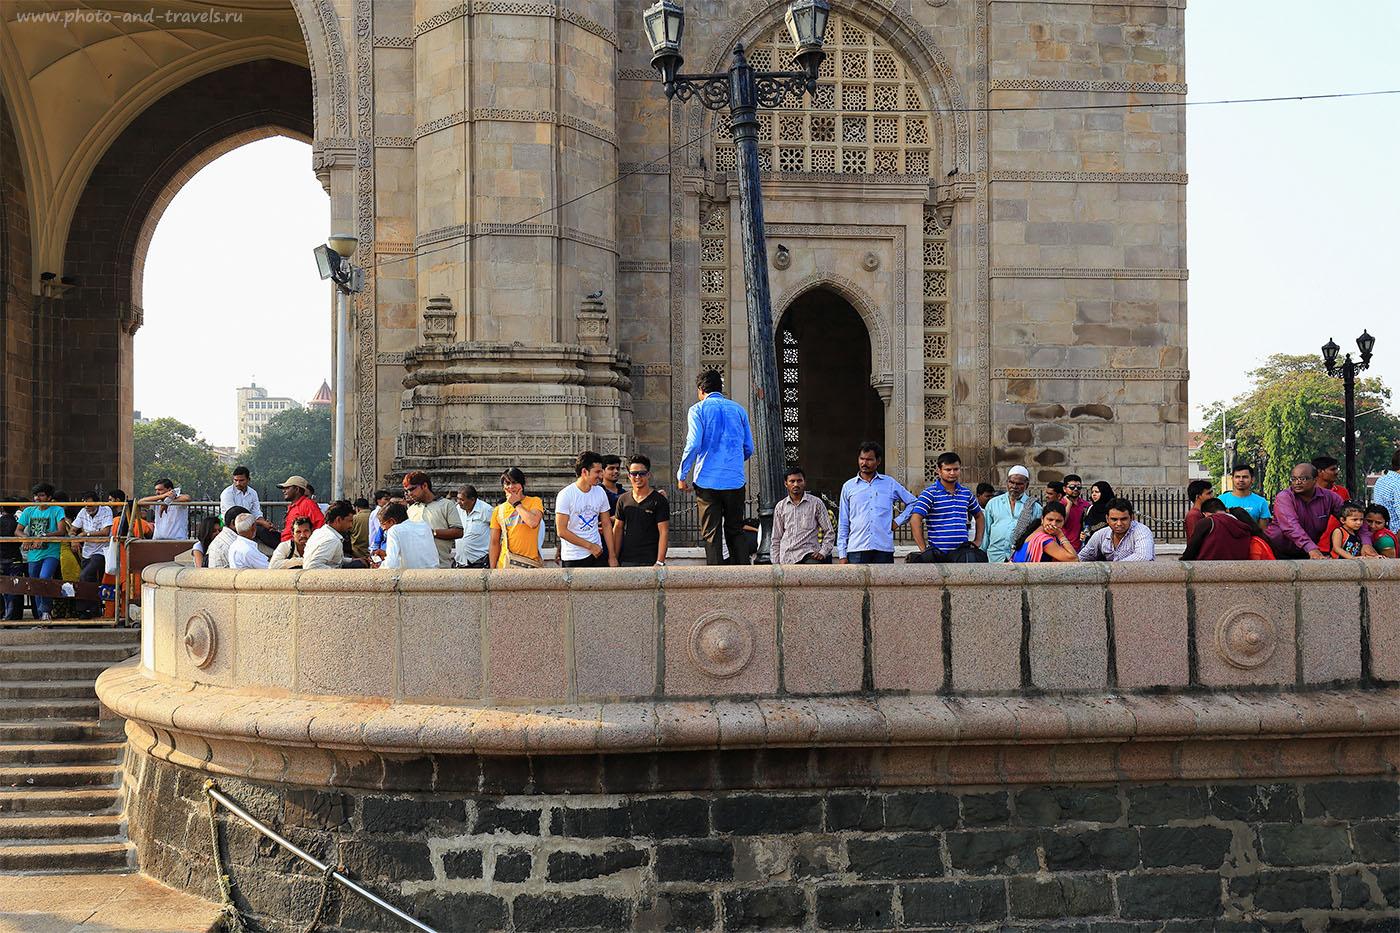 """24. Праздные зеваки у арки """"Ворота в Индию"""". Из Гоа в Мумбаи можно легко добраться на поезде и посмотреть такие интересные достопримечательности (24-70, 1/60, 0eV, f9, 28 mm, ISO 100)"""